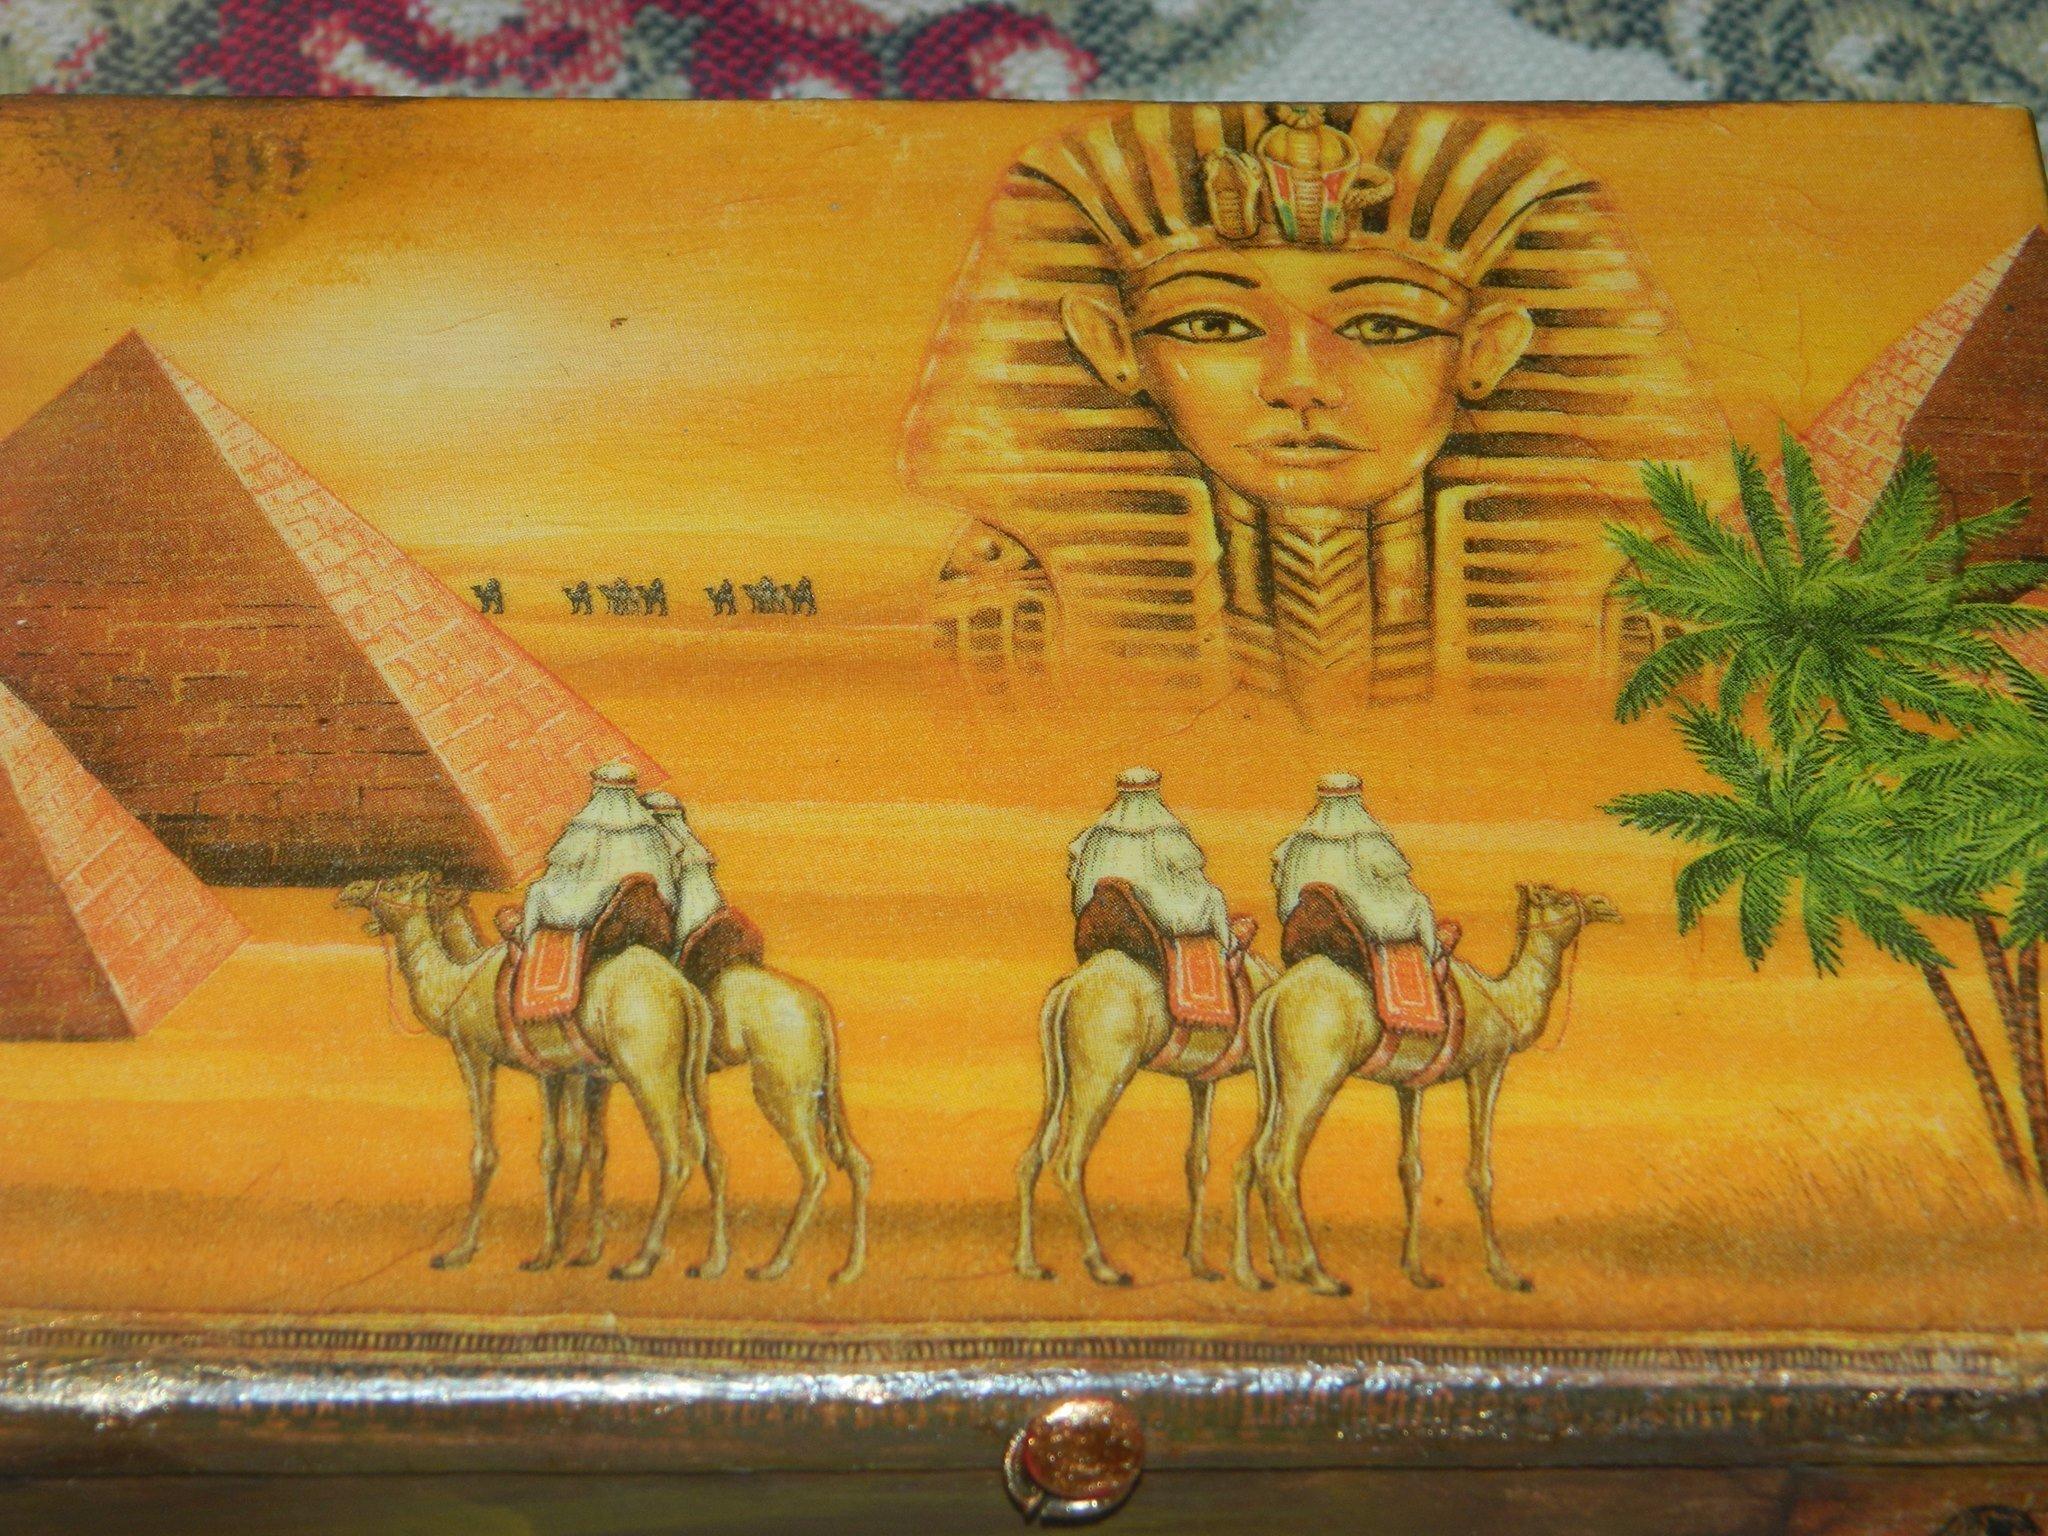 ციცინო კობიაშვილის დეკუპაჟი ეგვიპტური სიუჟეტებით